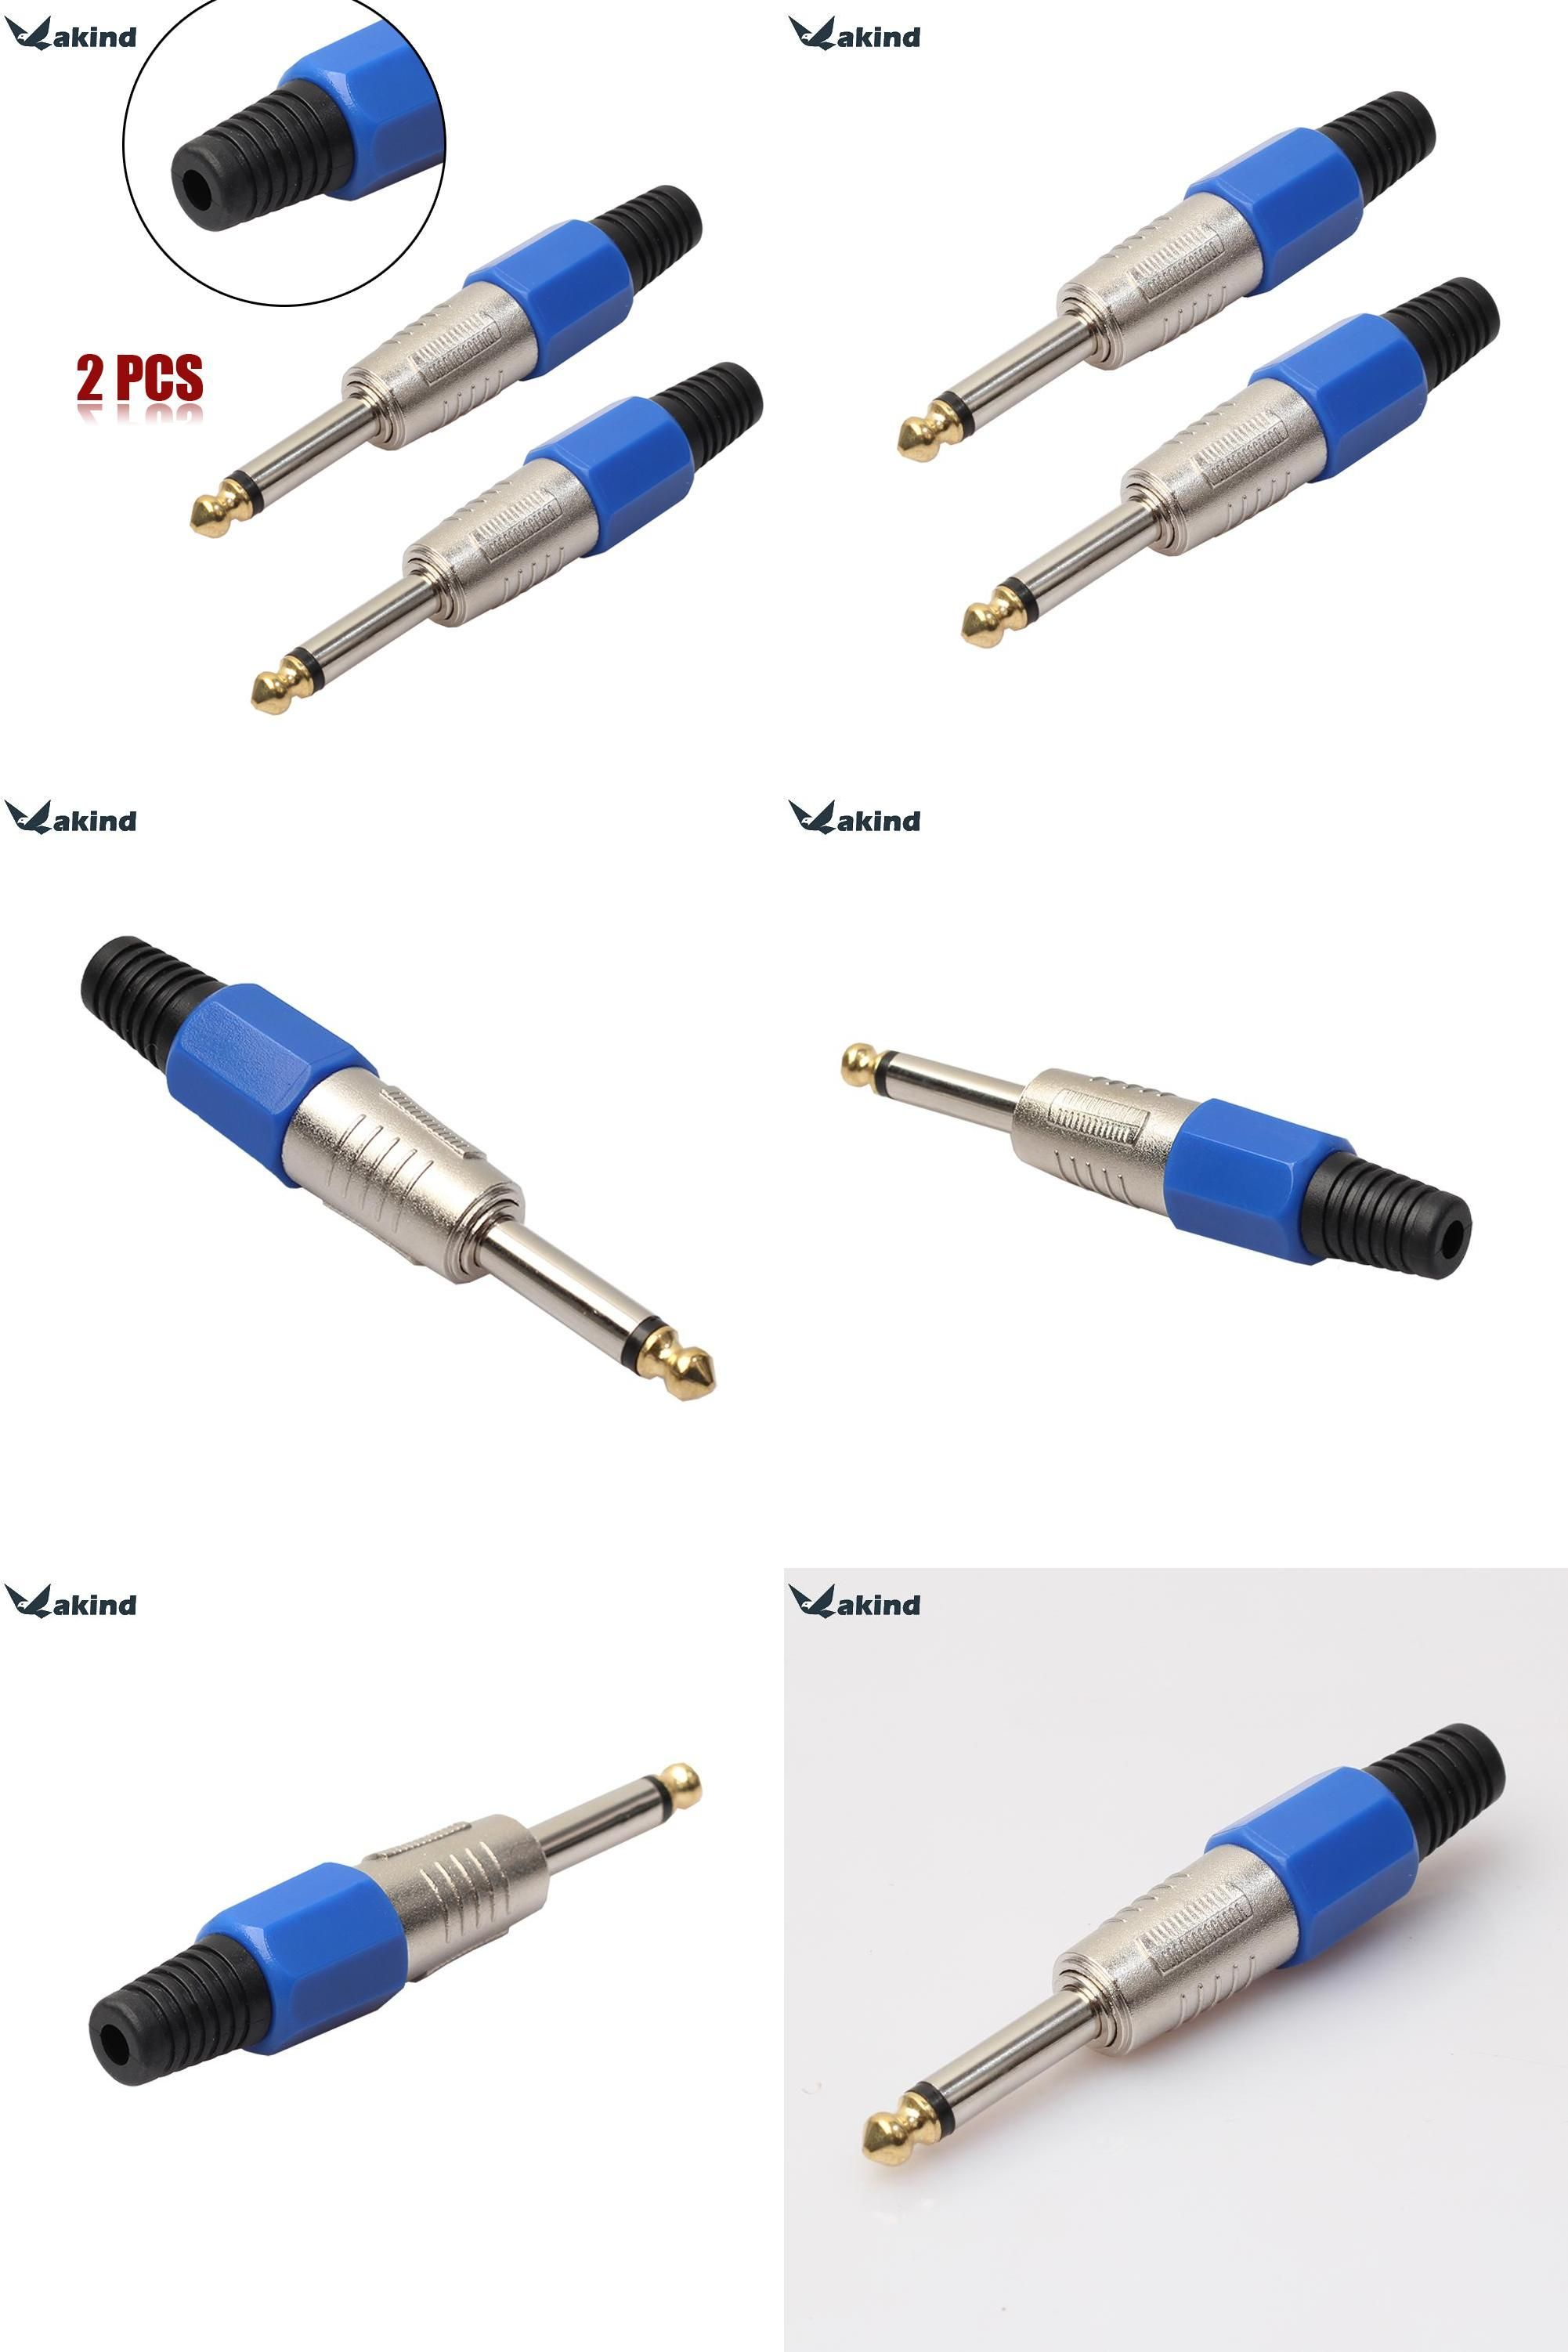 visit to buy 2pcs 6 35mm 6 5mm connector mono audio plug jack 6 5 amplifier microphone plug 6 35 mono sophomore core advertisement [ 2002 x 3003 Pixel ]